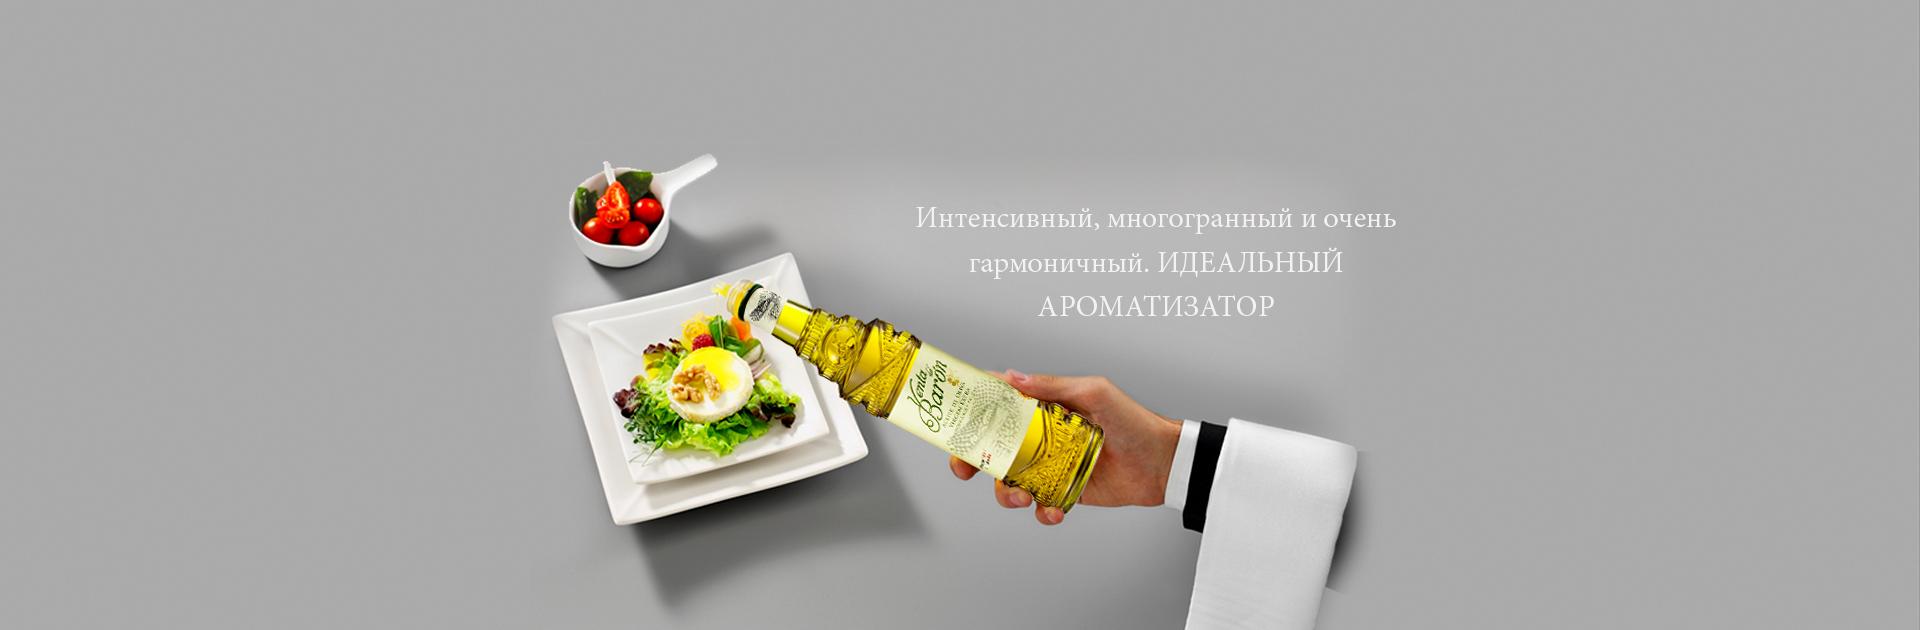 banner_venta_ruso_1920x630px1